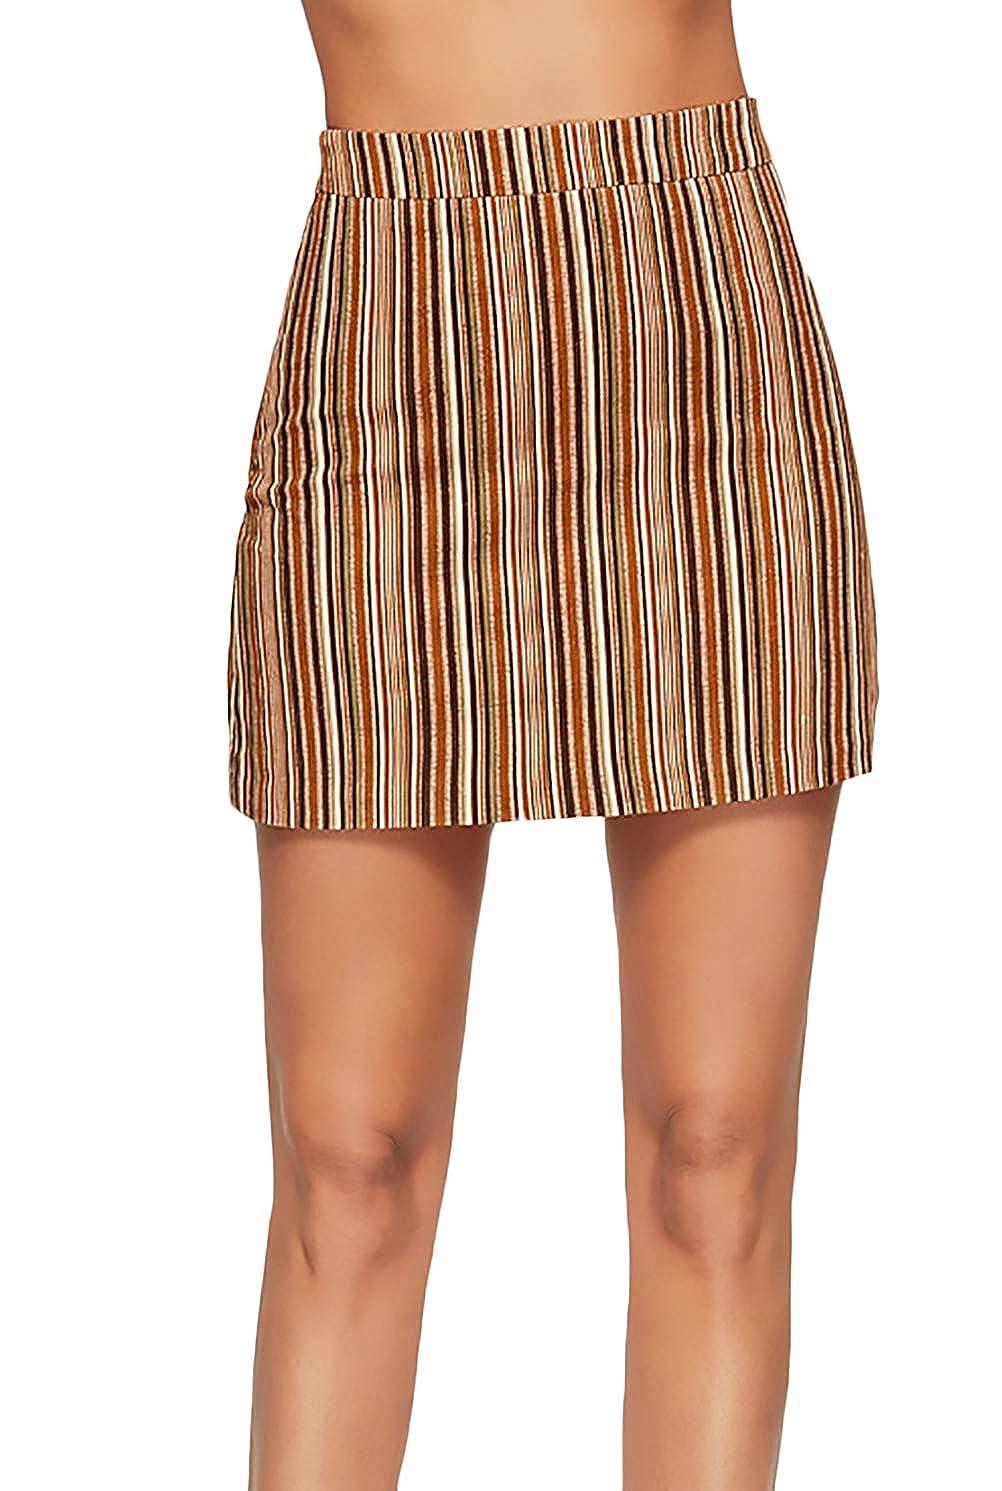 Faldas Mujer Verano Cortos Flecos Cintura Alta Minifalda Vintage ...